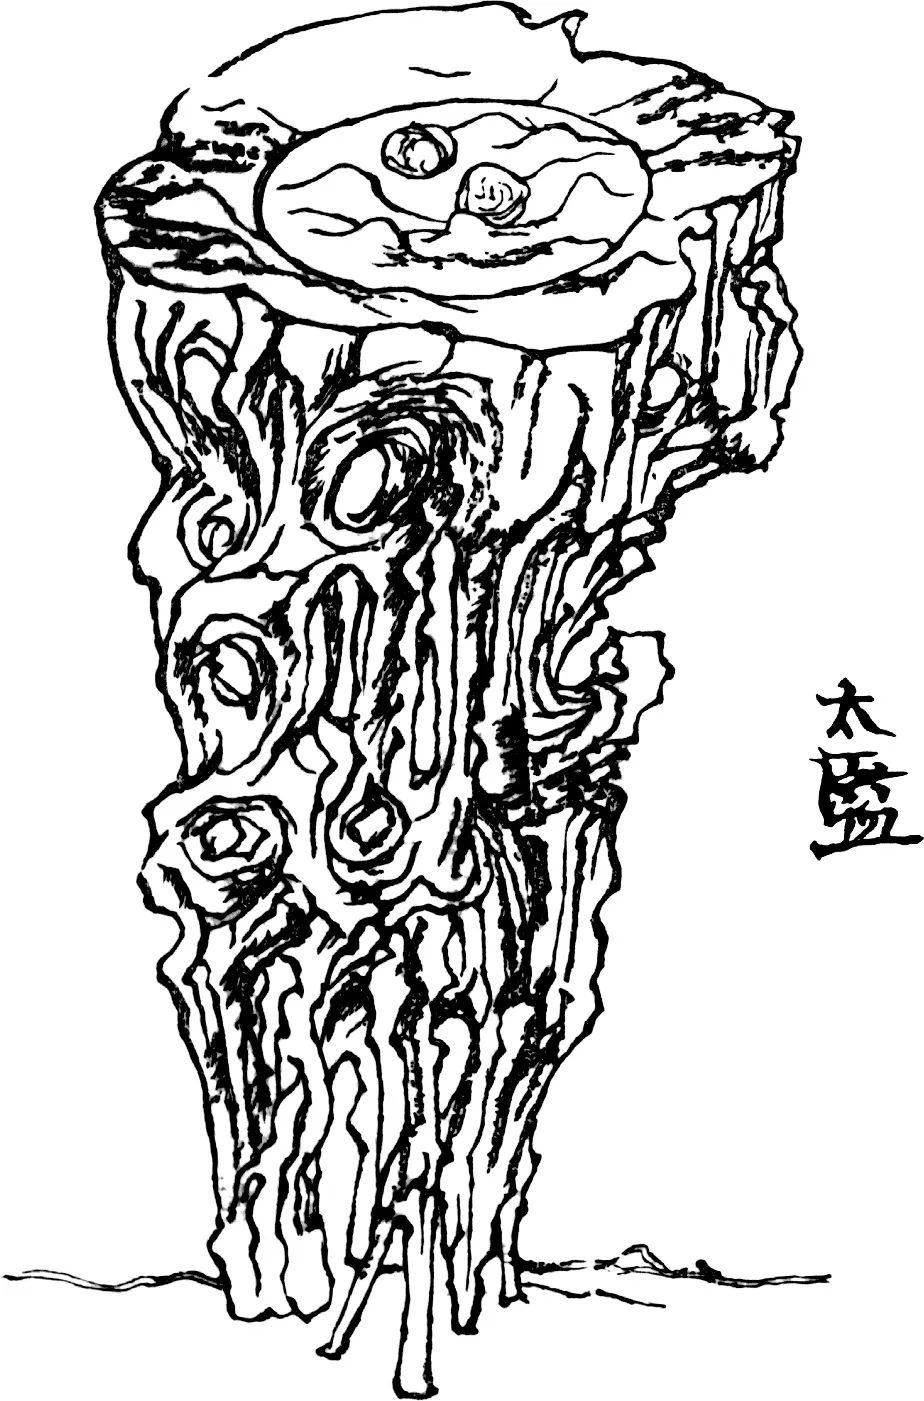 一个树根盆景架顶部挖出一个弧形凹陷。树根内藏的电机驱动中心部分旋转,使凹陷处的两个核桃不断转动。